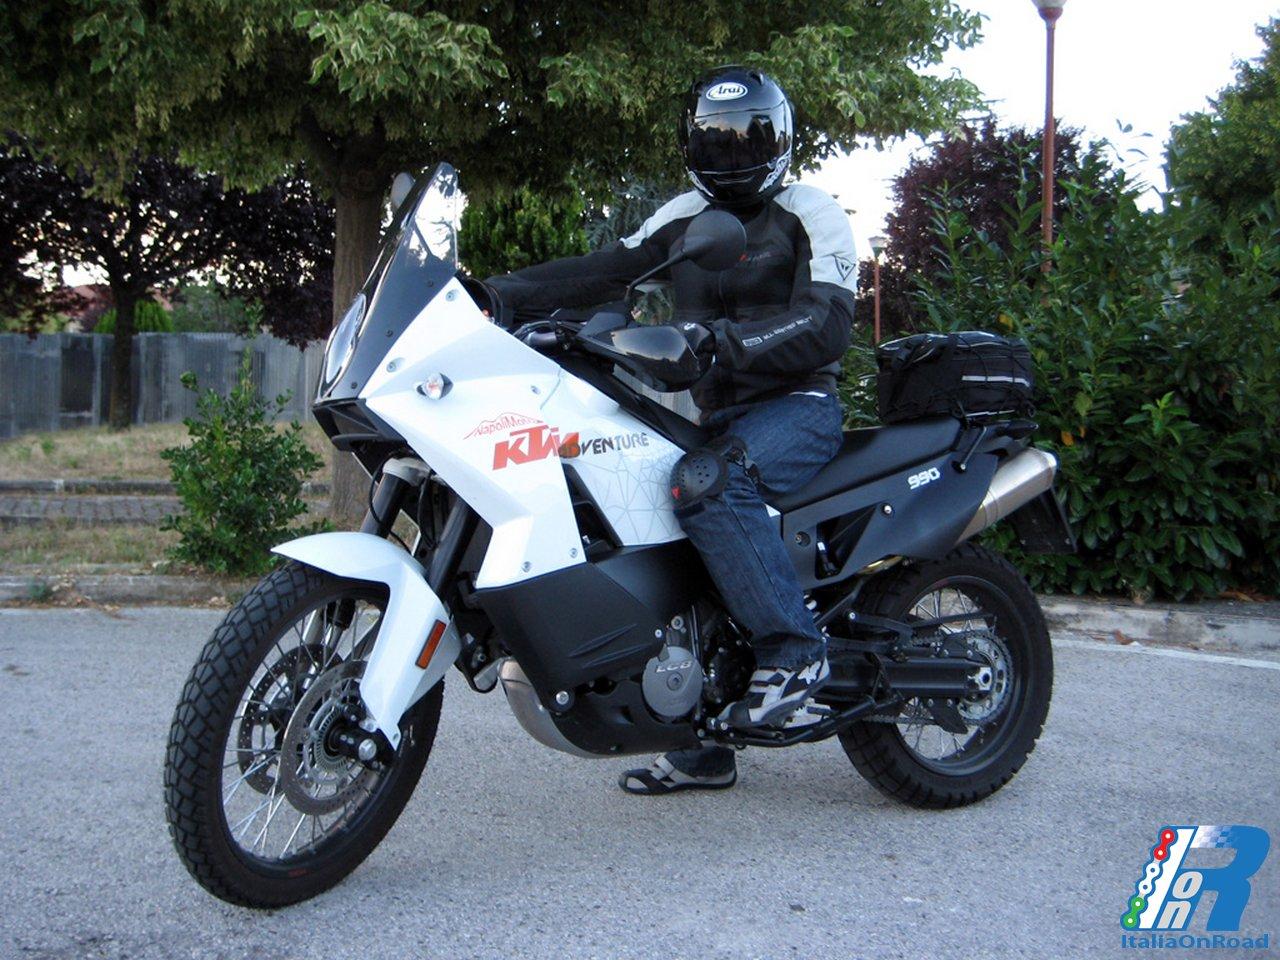 KTM Adventure 990 – testride